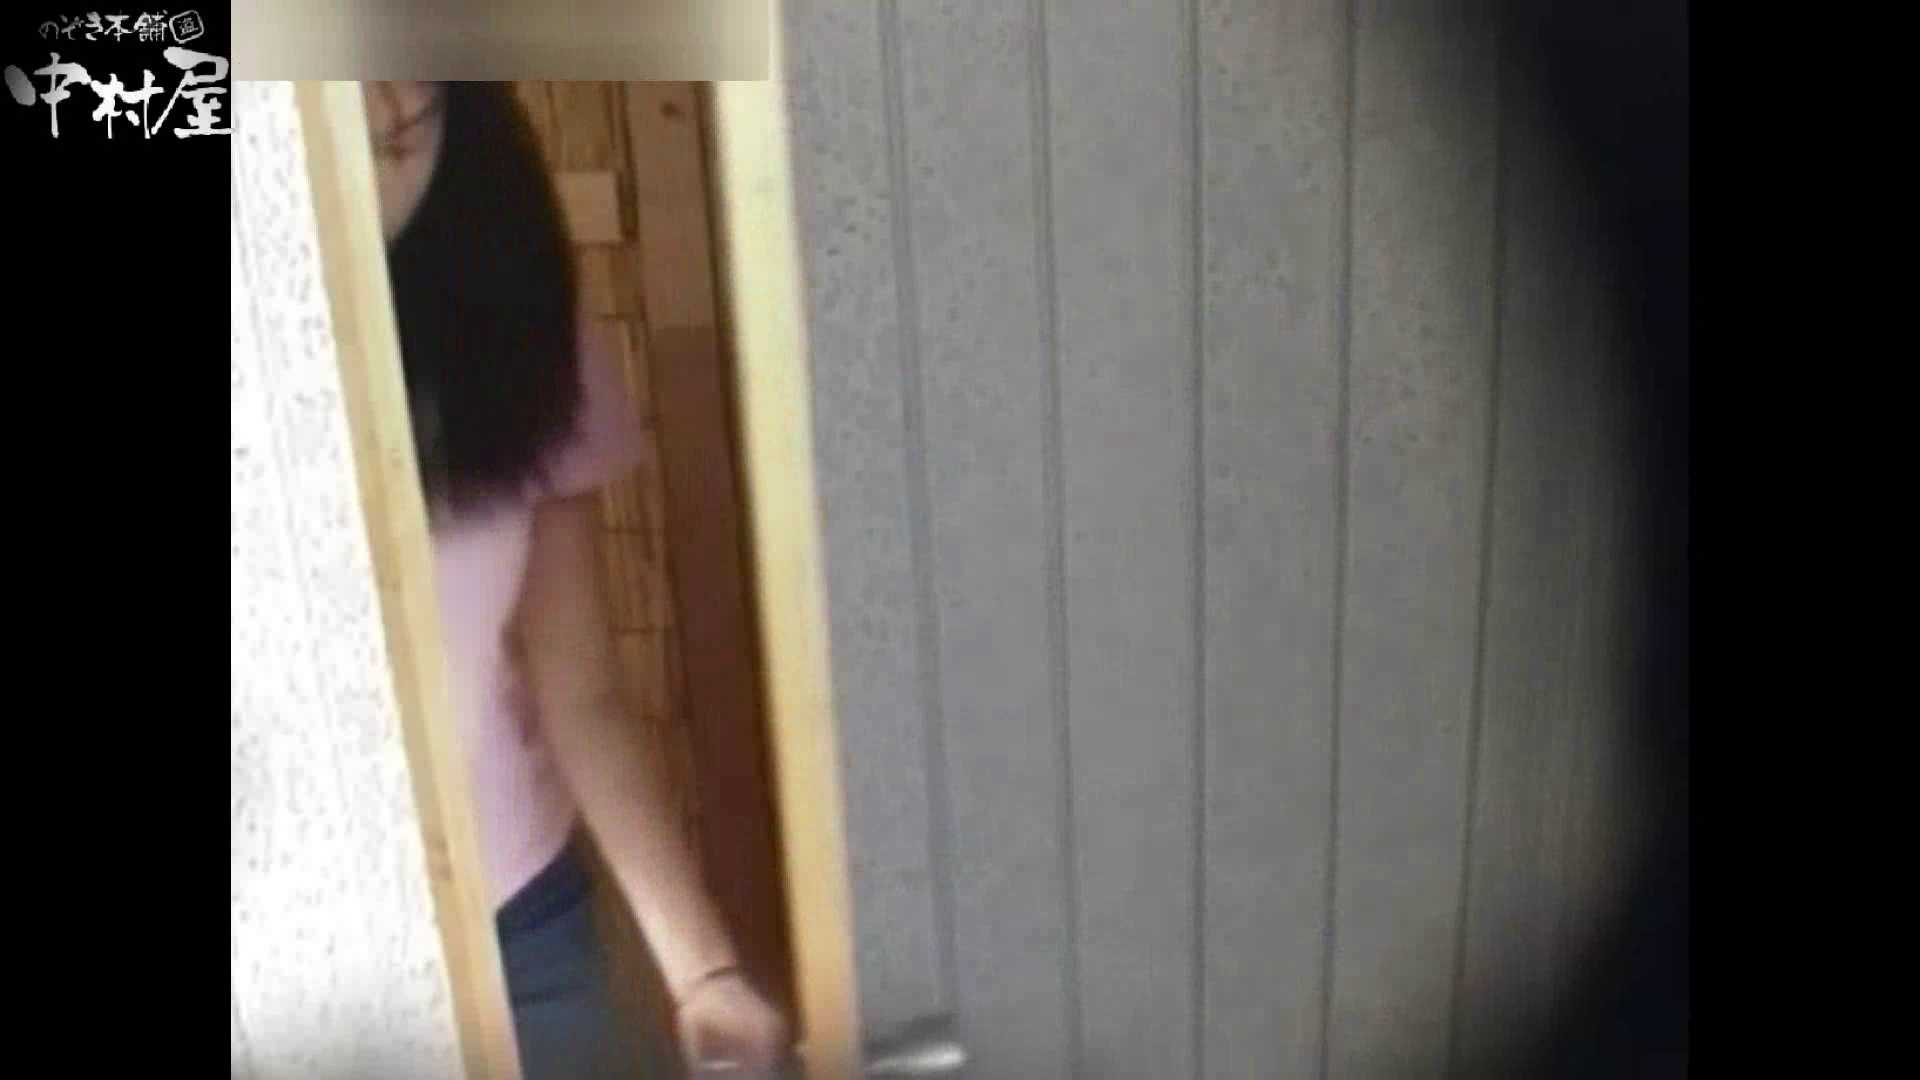 解禁!海の家4カメ洗面所vol.31 人気シリーズ オマンコ無修正動画無料 87pic 43